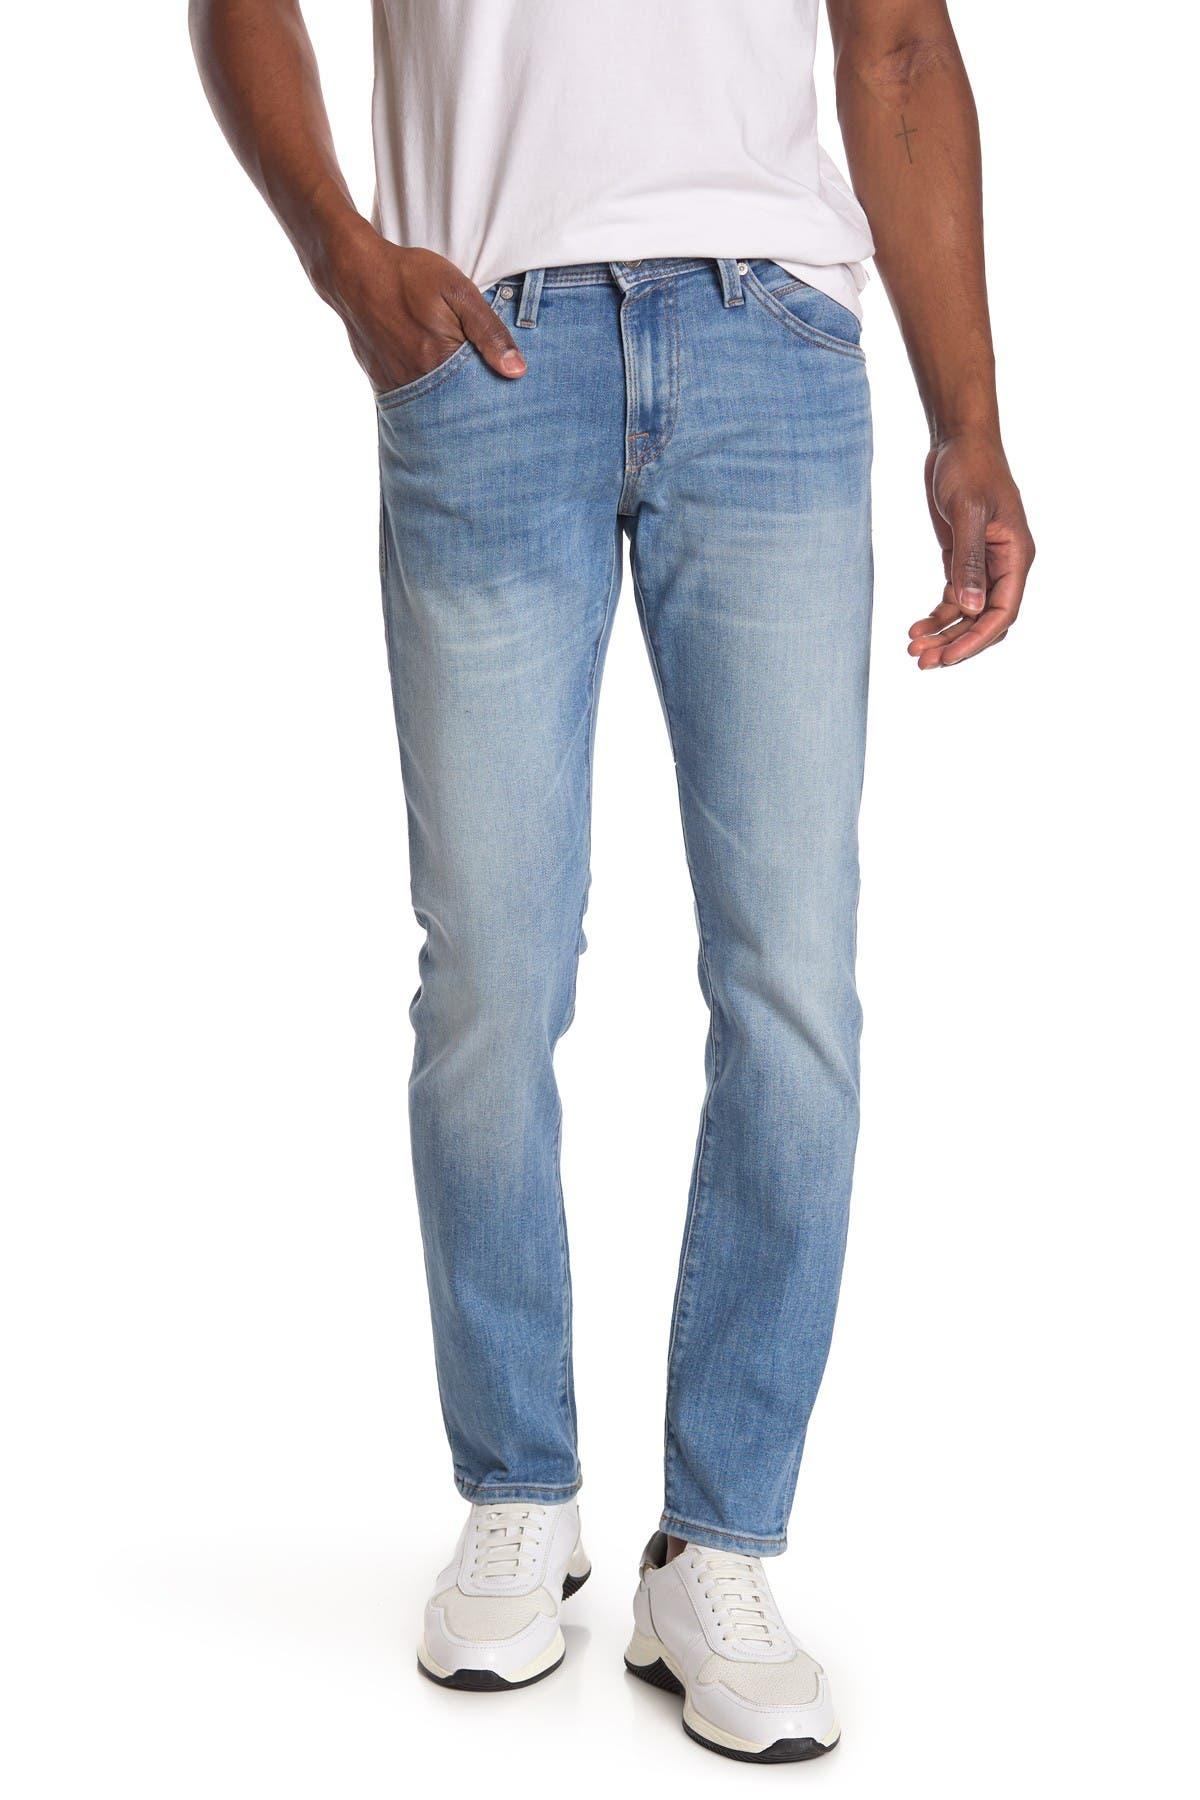 Image of JACK & JONES Glenn Fox 967 Jeans